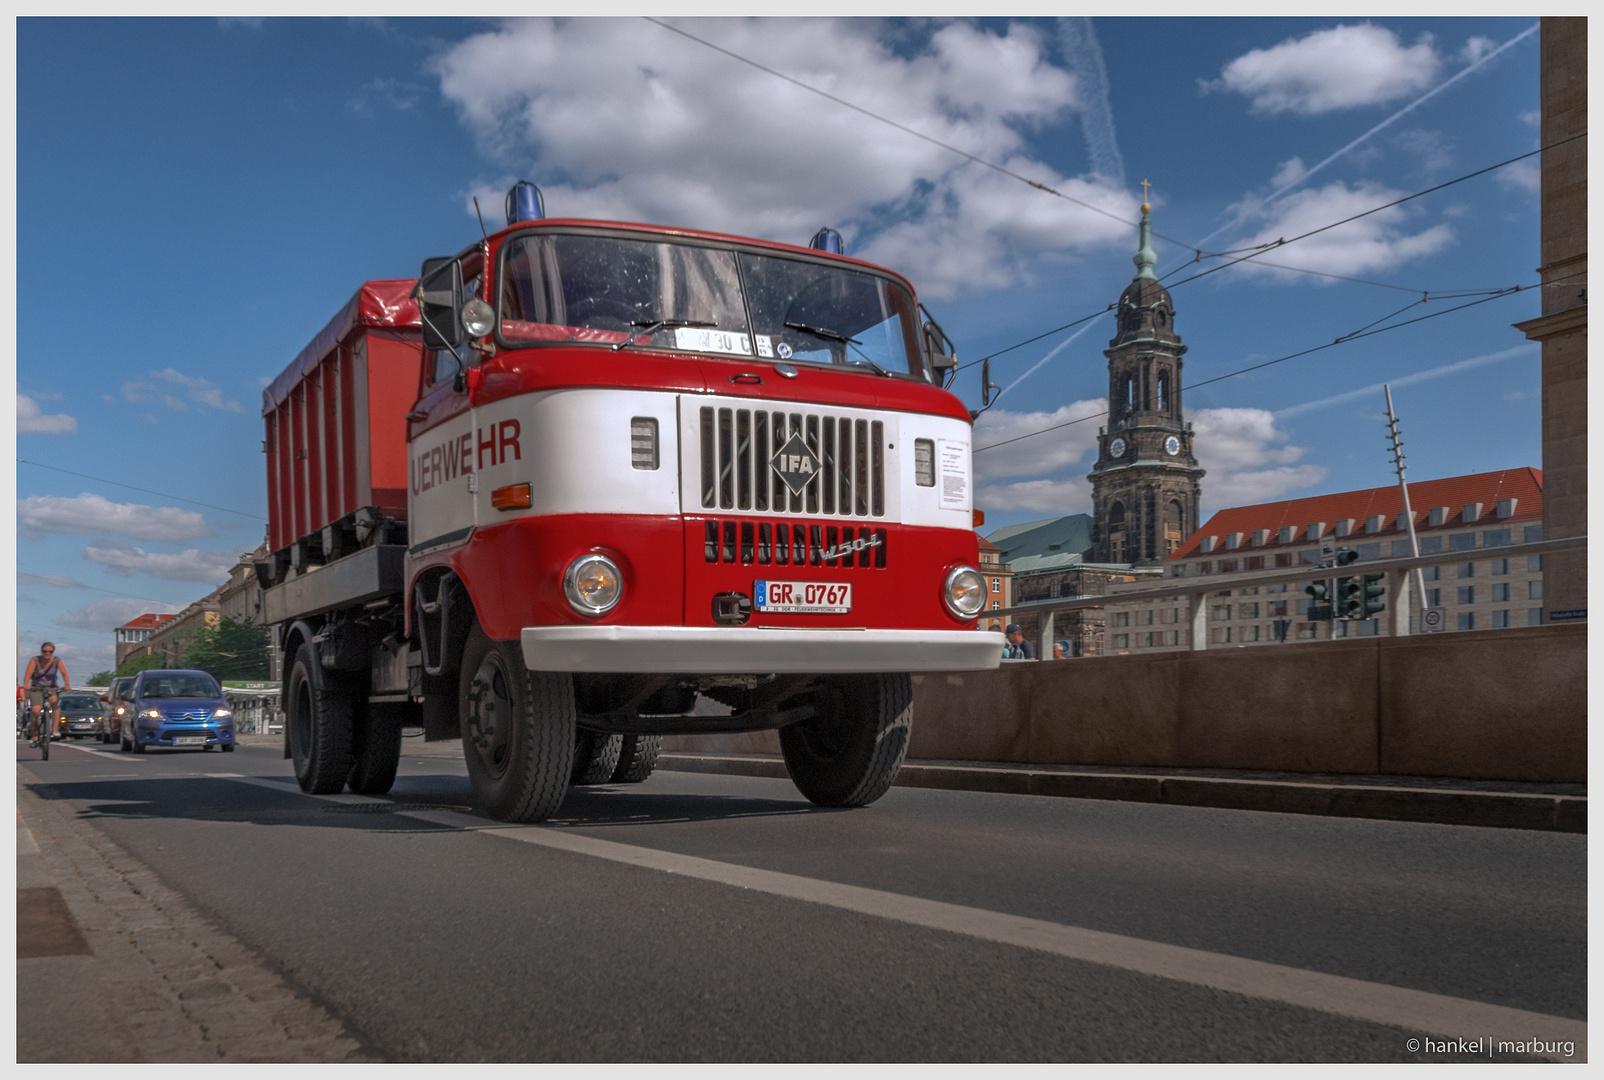 Wechselladerfahrzeug der Feuerwehr Görlitz